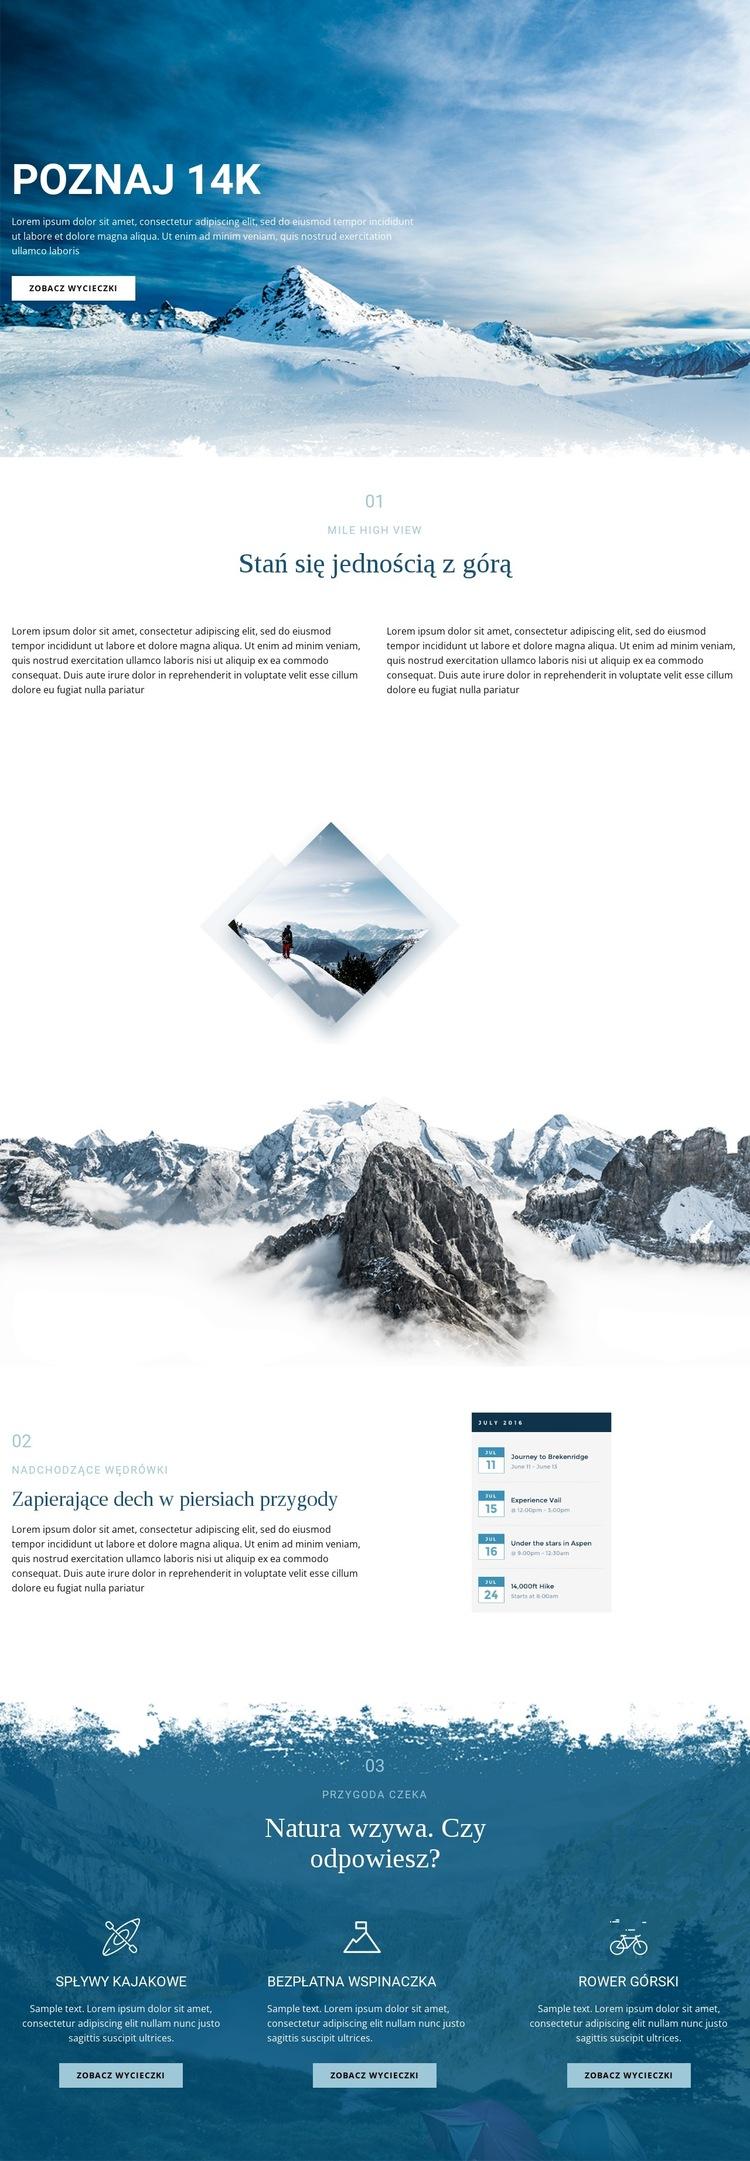 Poznaj wspaniałą przyrodę Szablon witryny sieci Web